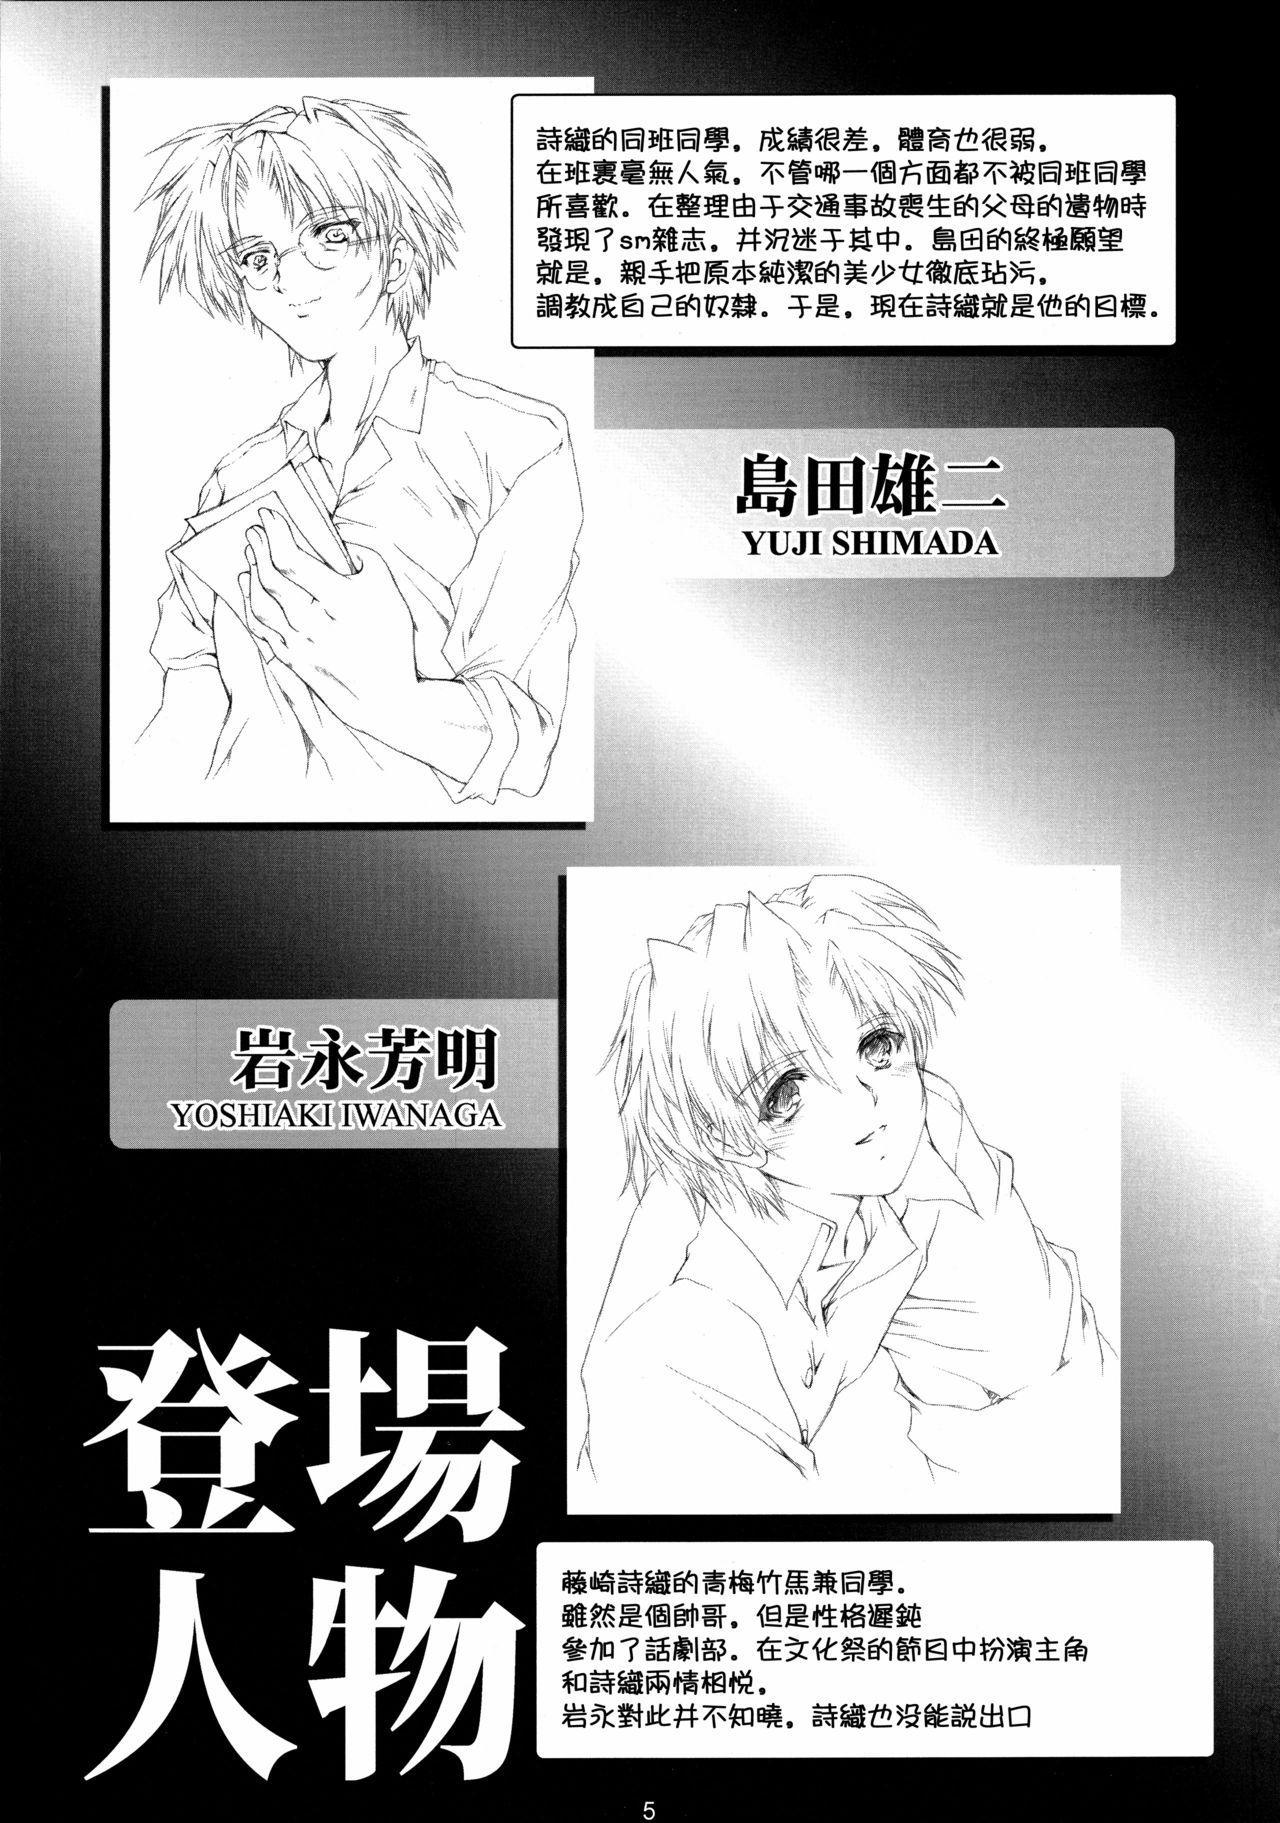 [HIGH RISK REVOLUTION (Aizawa Hiroshi)] Shiori Dai-San-Shou Yami no Kokuin Joukan - Shinsouban (Tokimeki Memorial) [Chinese] [祈花漢化組] 5